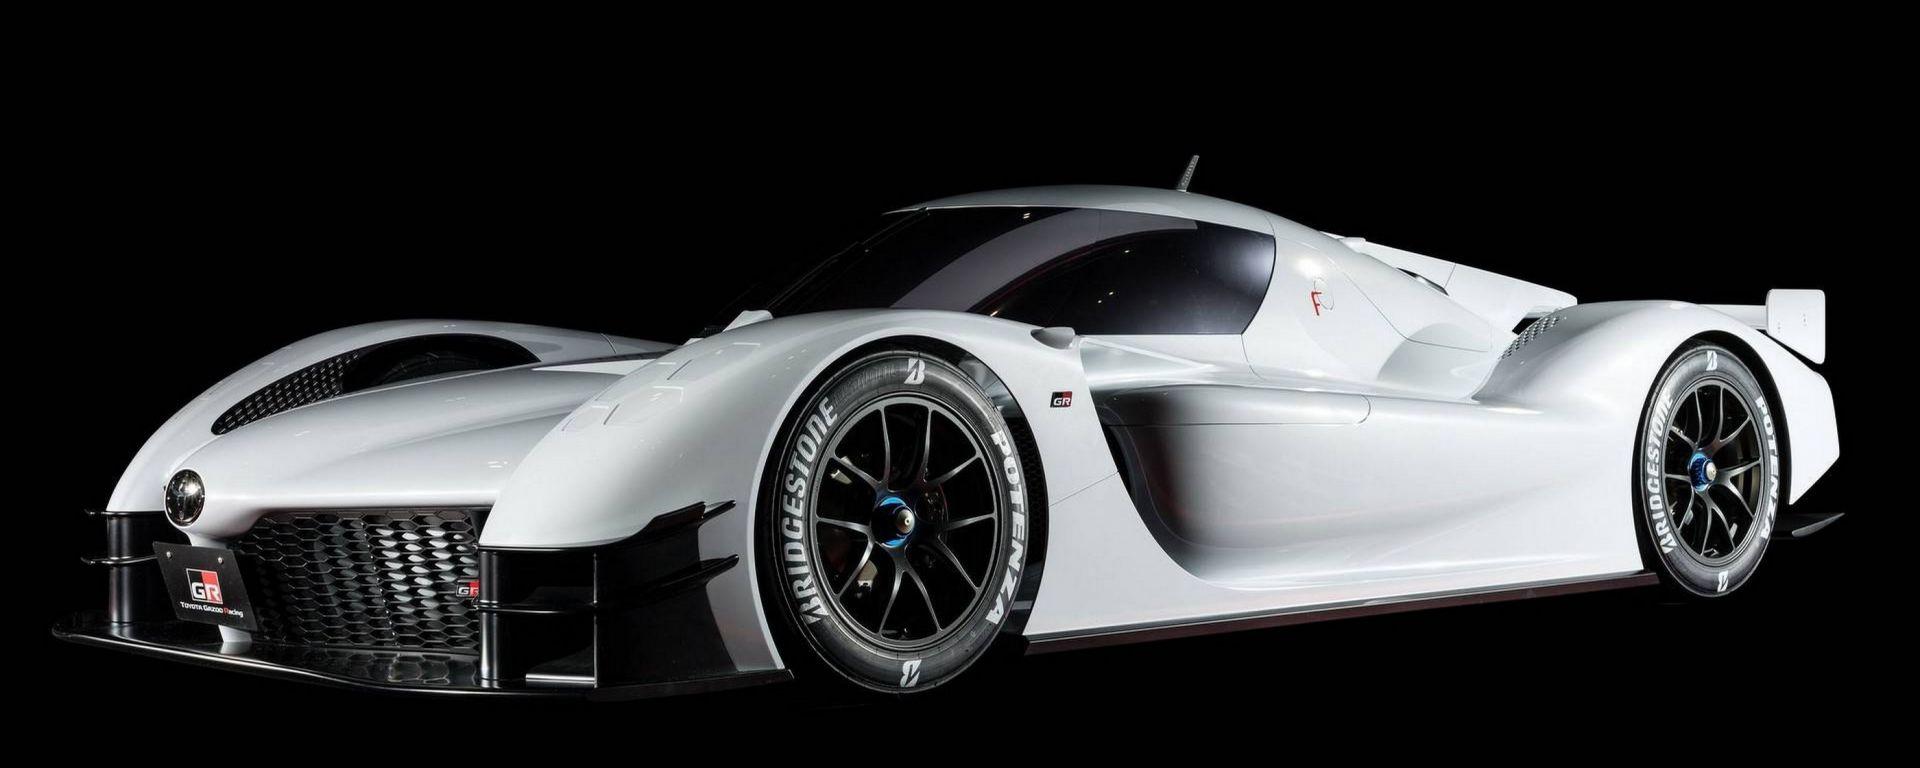 Toyota GR Super Sport Concept, LMP1 stradale